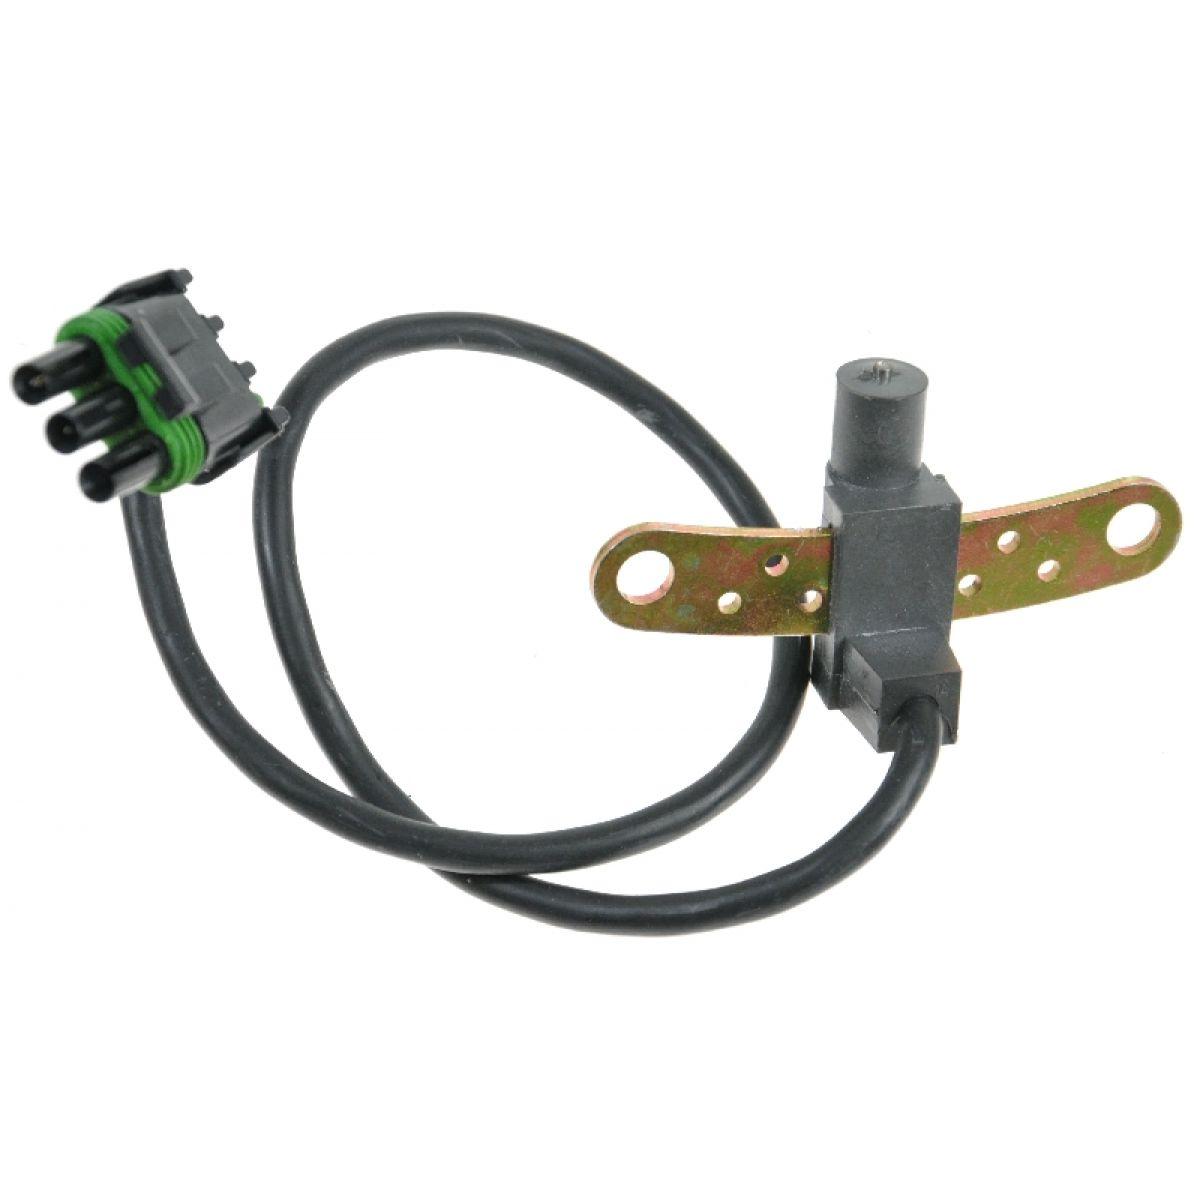 Crankshaft Position Sensor Replacement Jeep Wrangler: Crankshaft Position Angle Sensor CPS CAS For Wagoneer